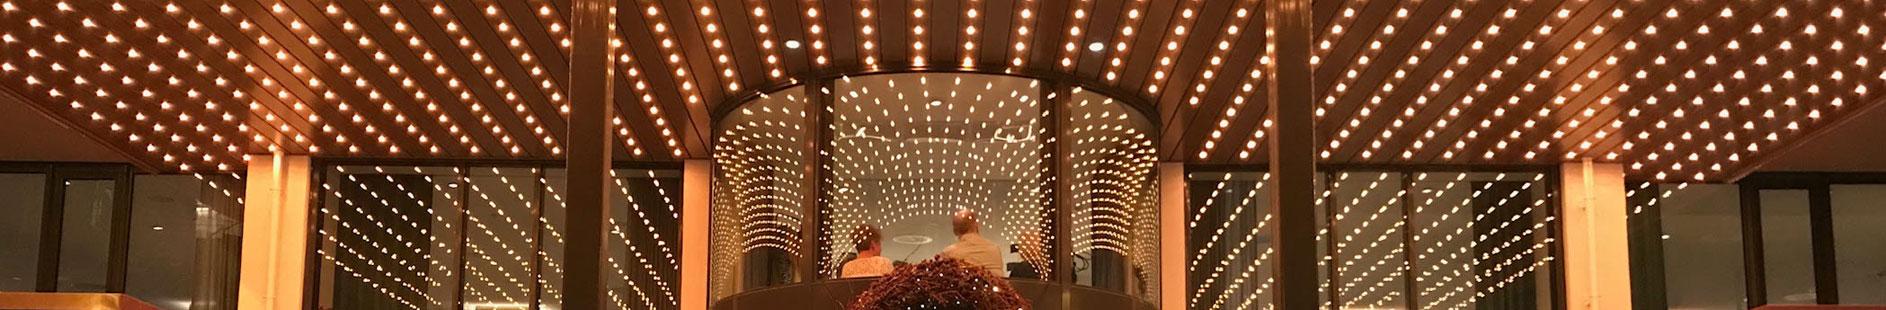 Hotel Norge by Scandic Konferensanläggningar.se